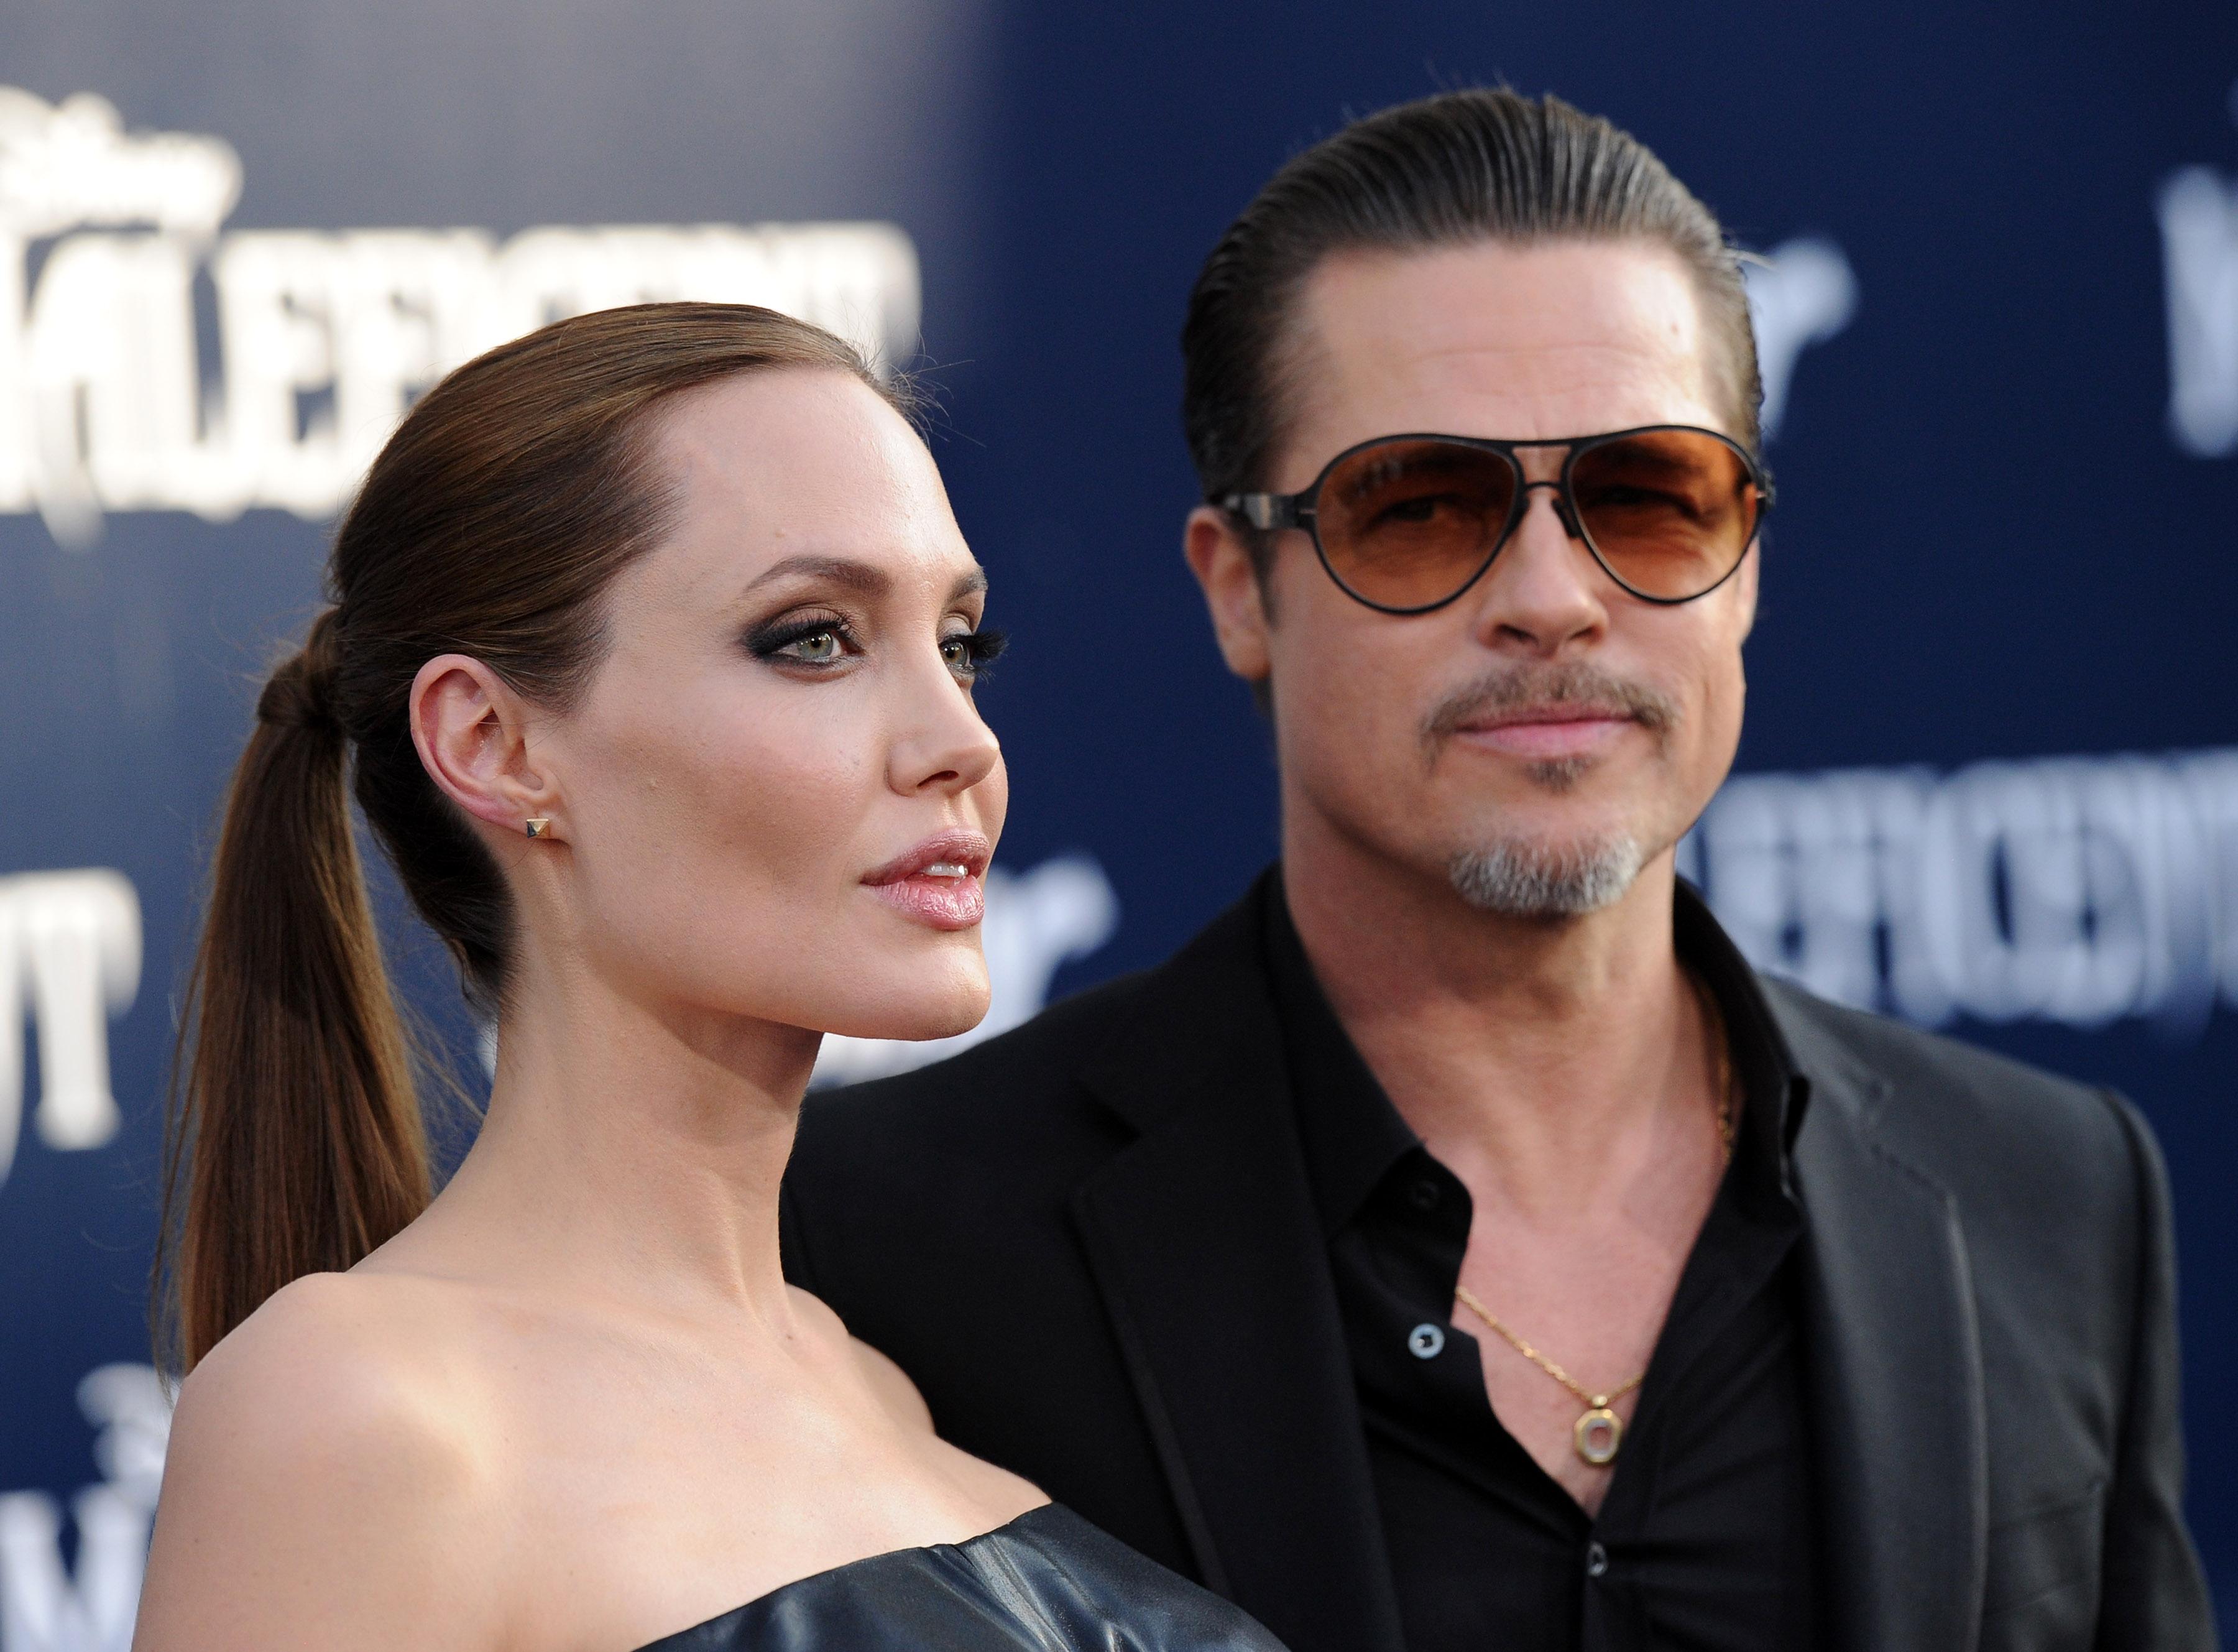 Gestul pe care l-a facut Angelina Jolie, la cateva zile dupa divort.